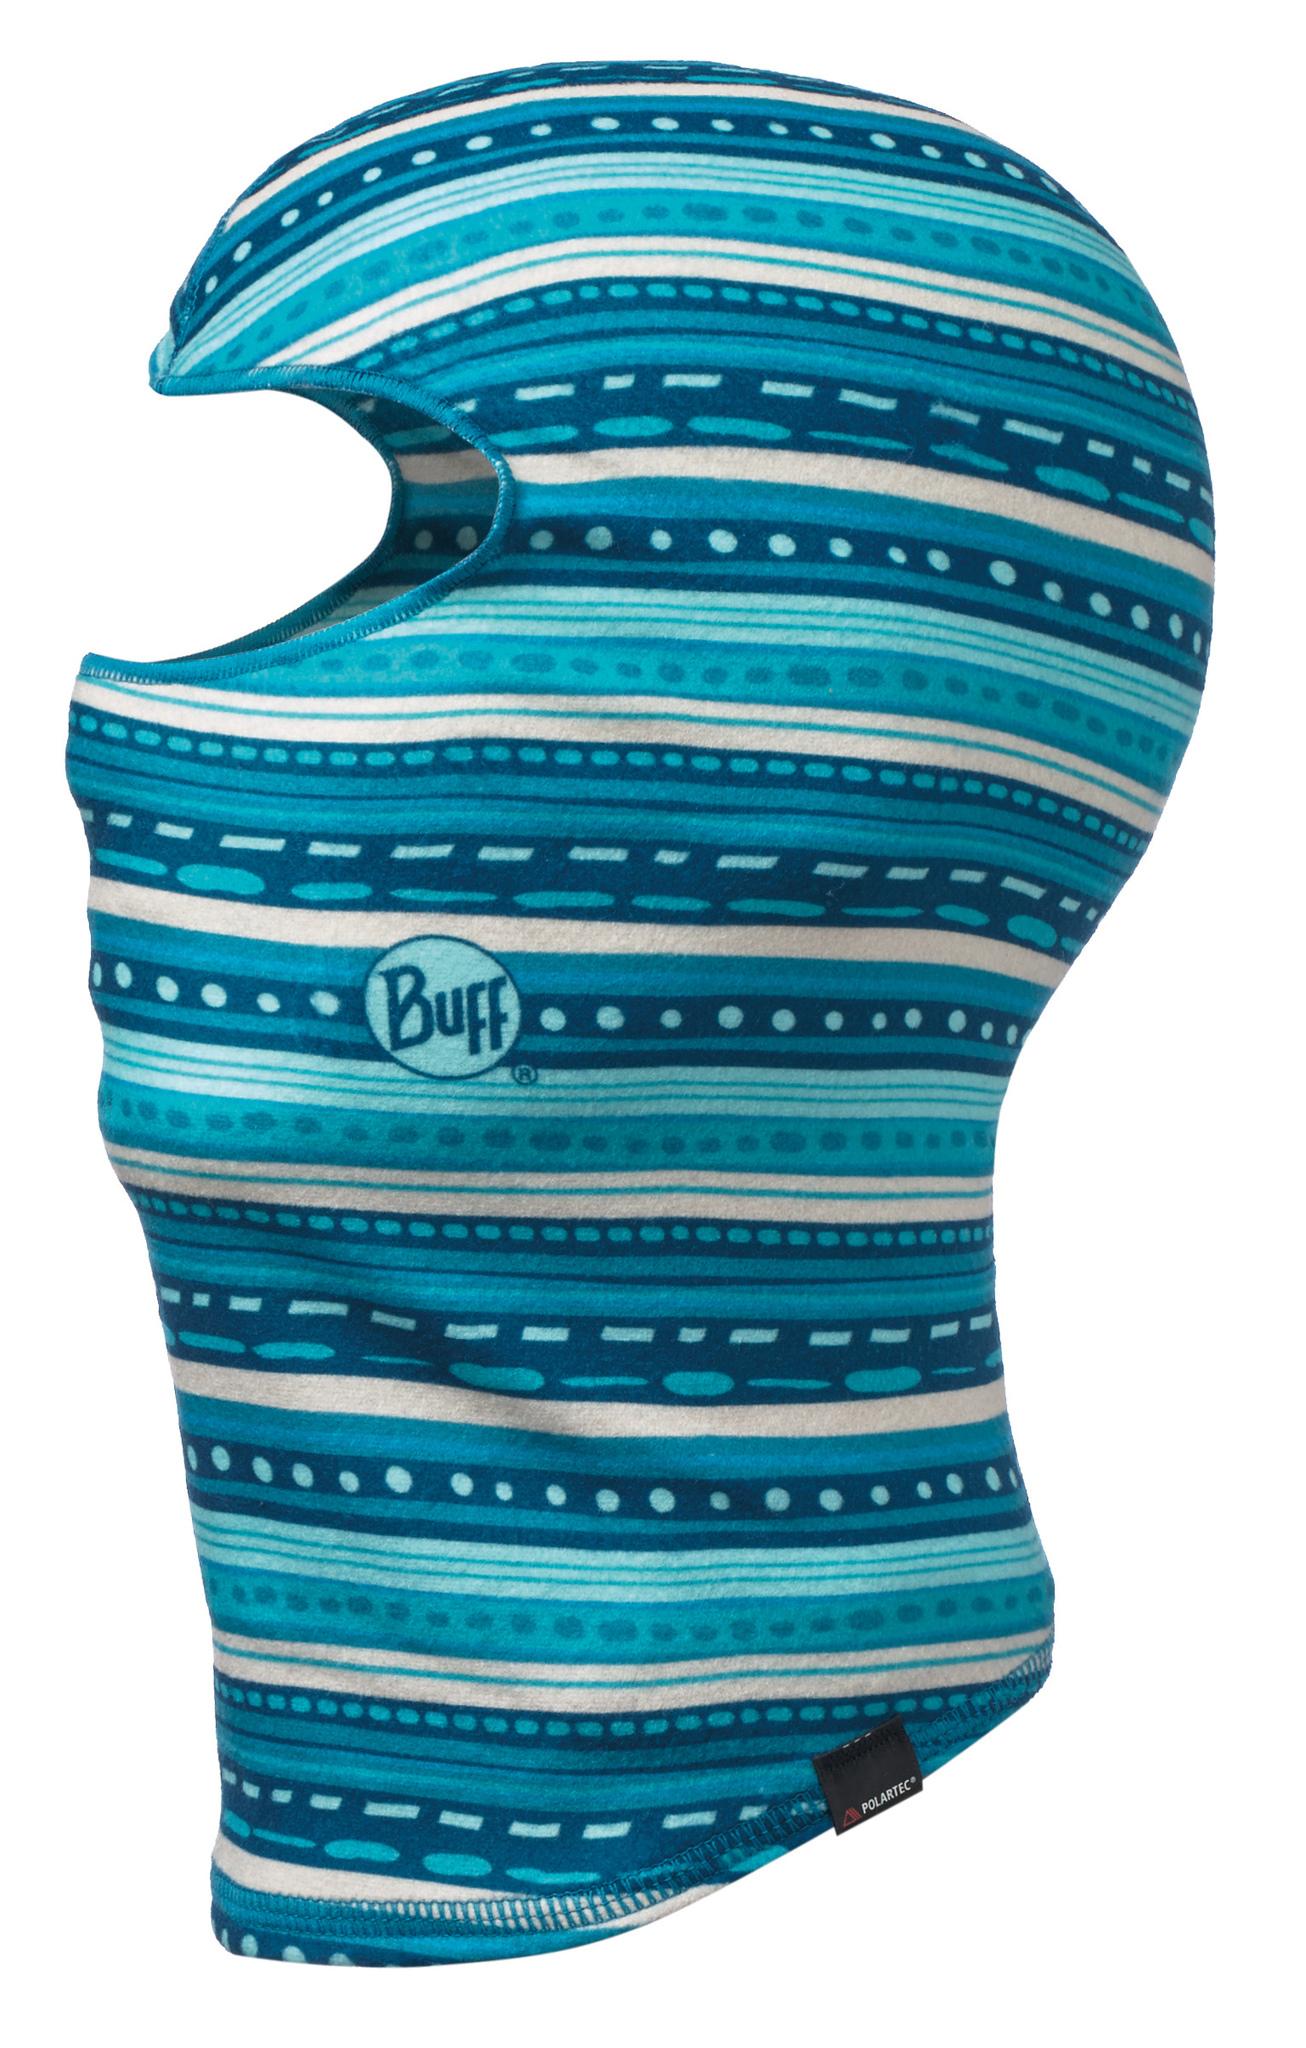 Детские балаклавы и подшлемники Флисовая балаклава Buff Frill Turquoise 115503.789.10.00.jpg